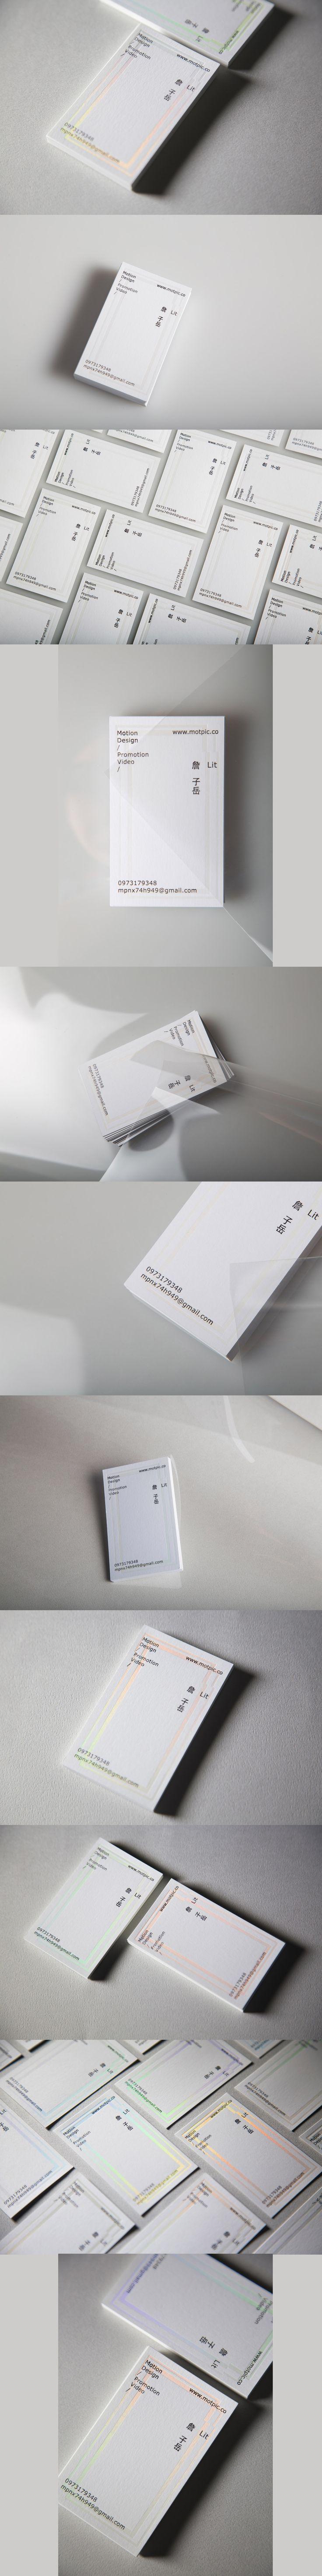 Lit - Business card | Designer / Chun-Ta Chu